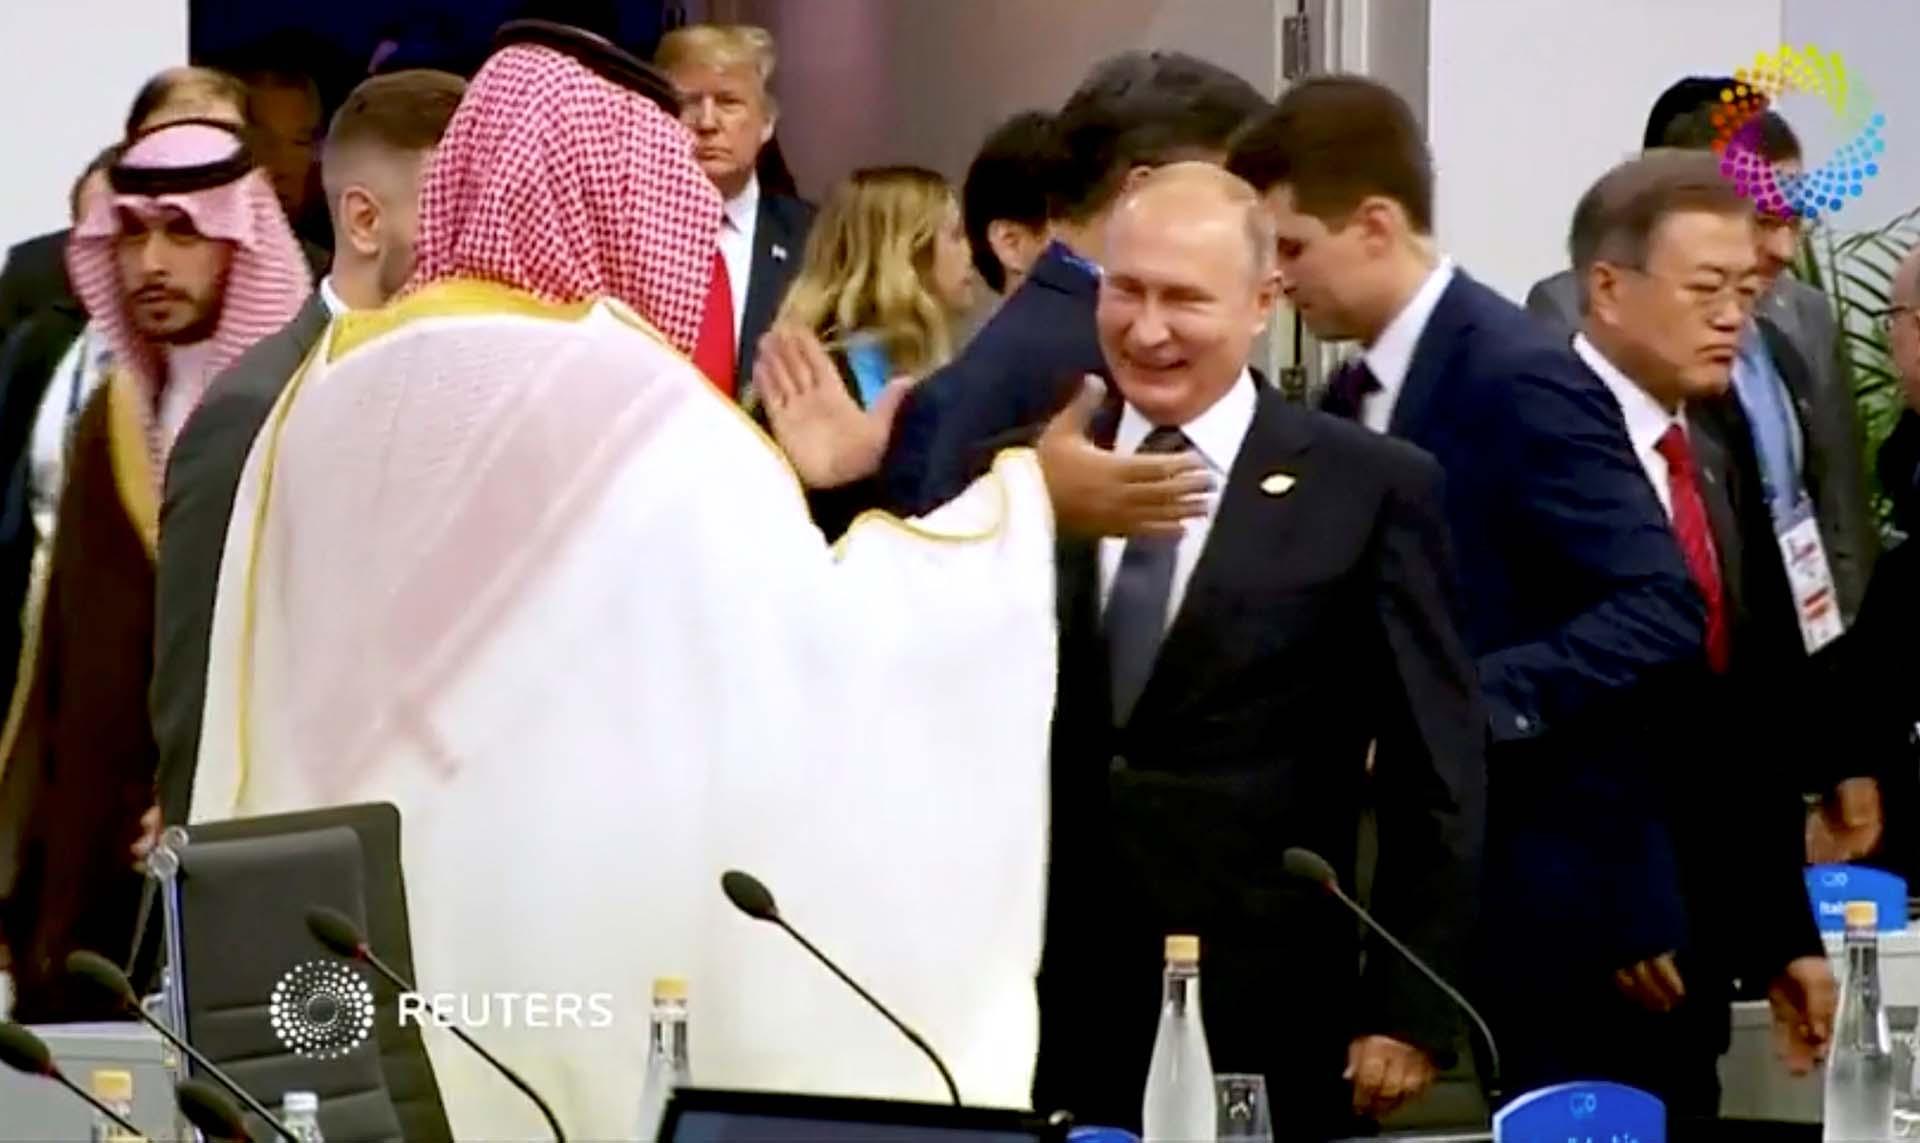 El saludo entre el presidente ruso Vladimir Putin y el príncipe saudita Mohammed bin Salman, en la mira de varias investigaciones internacionales por el asesinato del periodista Jamal Khashoggi, fue una de las imágenes más impactantes de la Cumbre del G20 en Buenos Aires